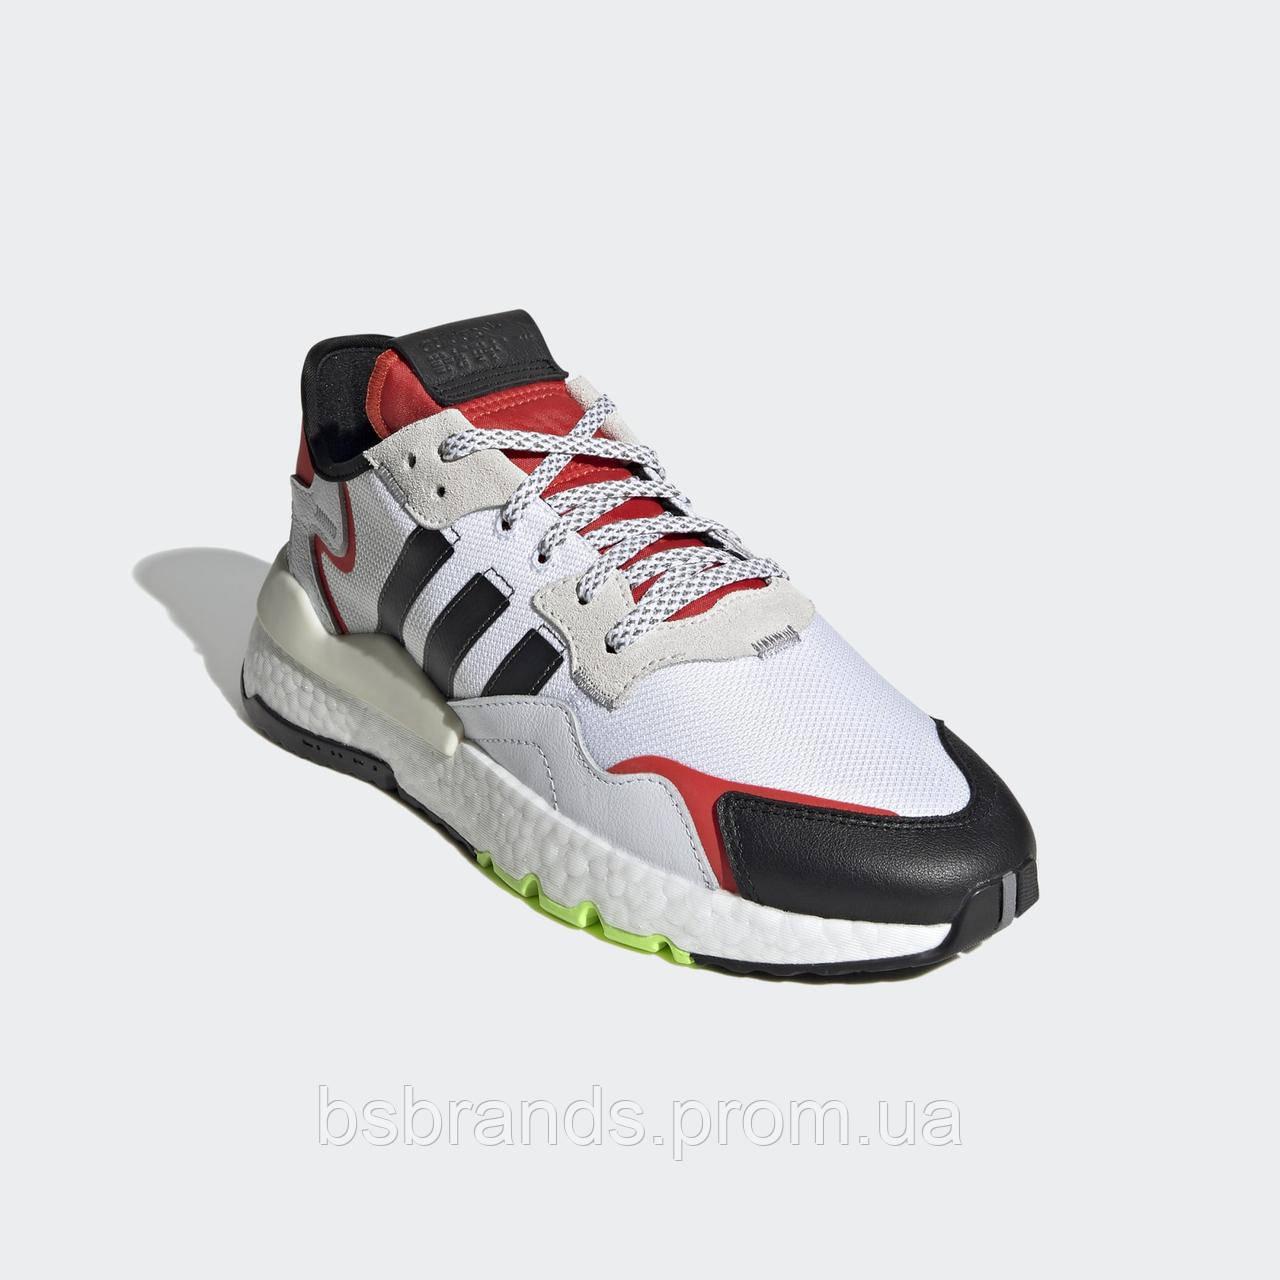 Чоловічі кросівки adidas Nite Jogger EH1293